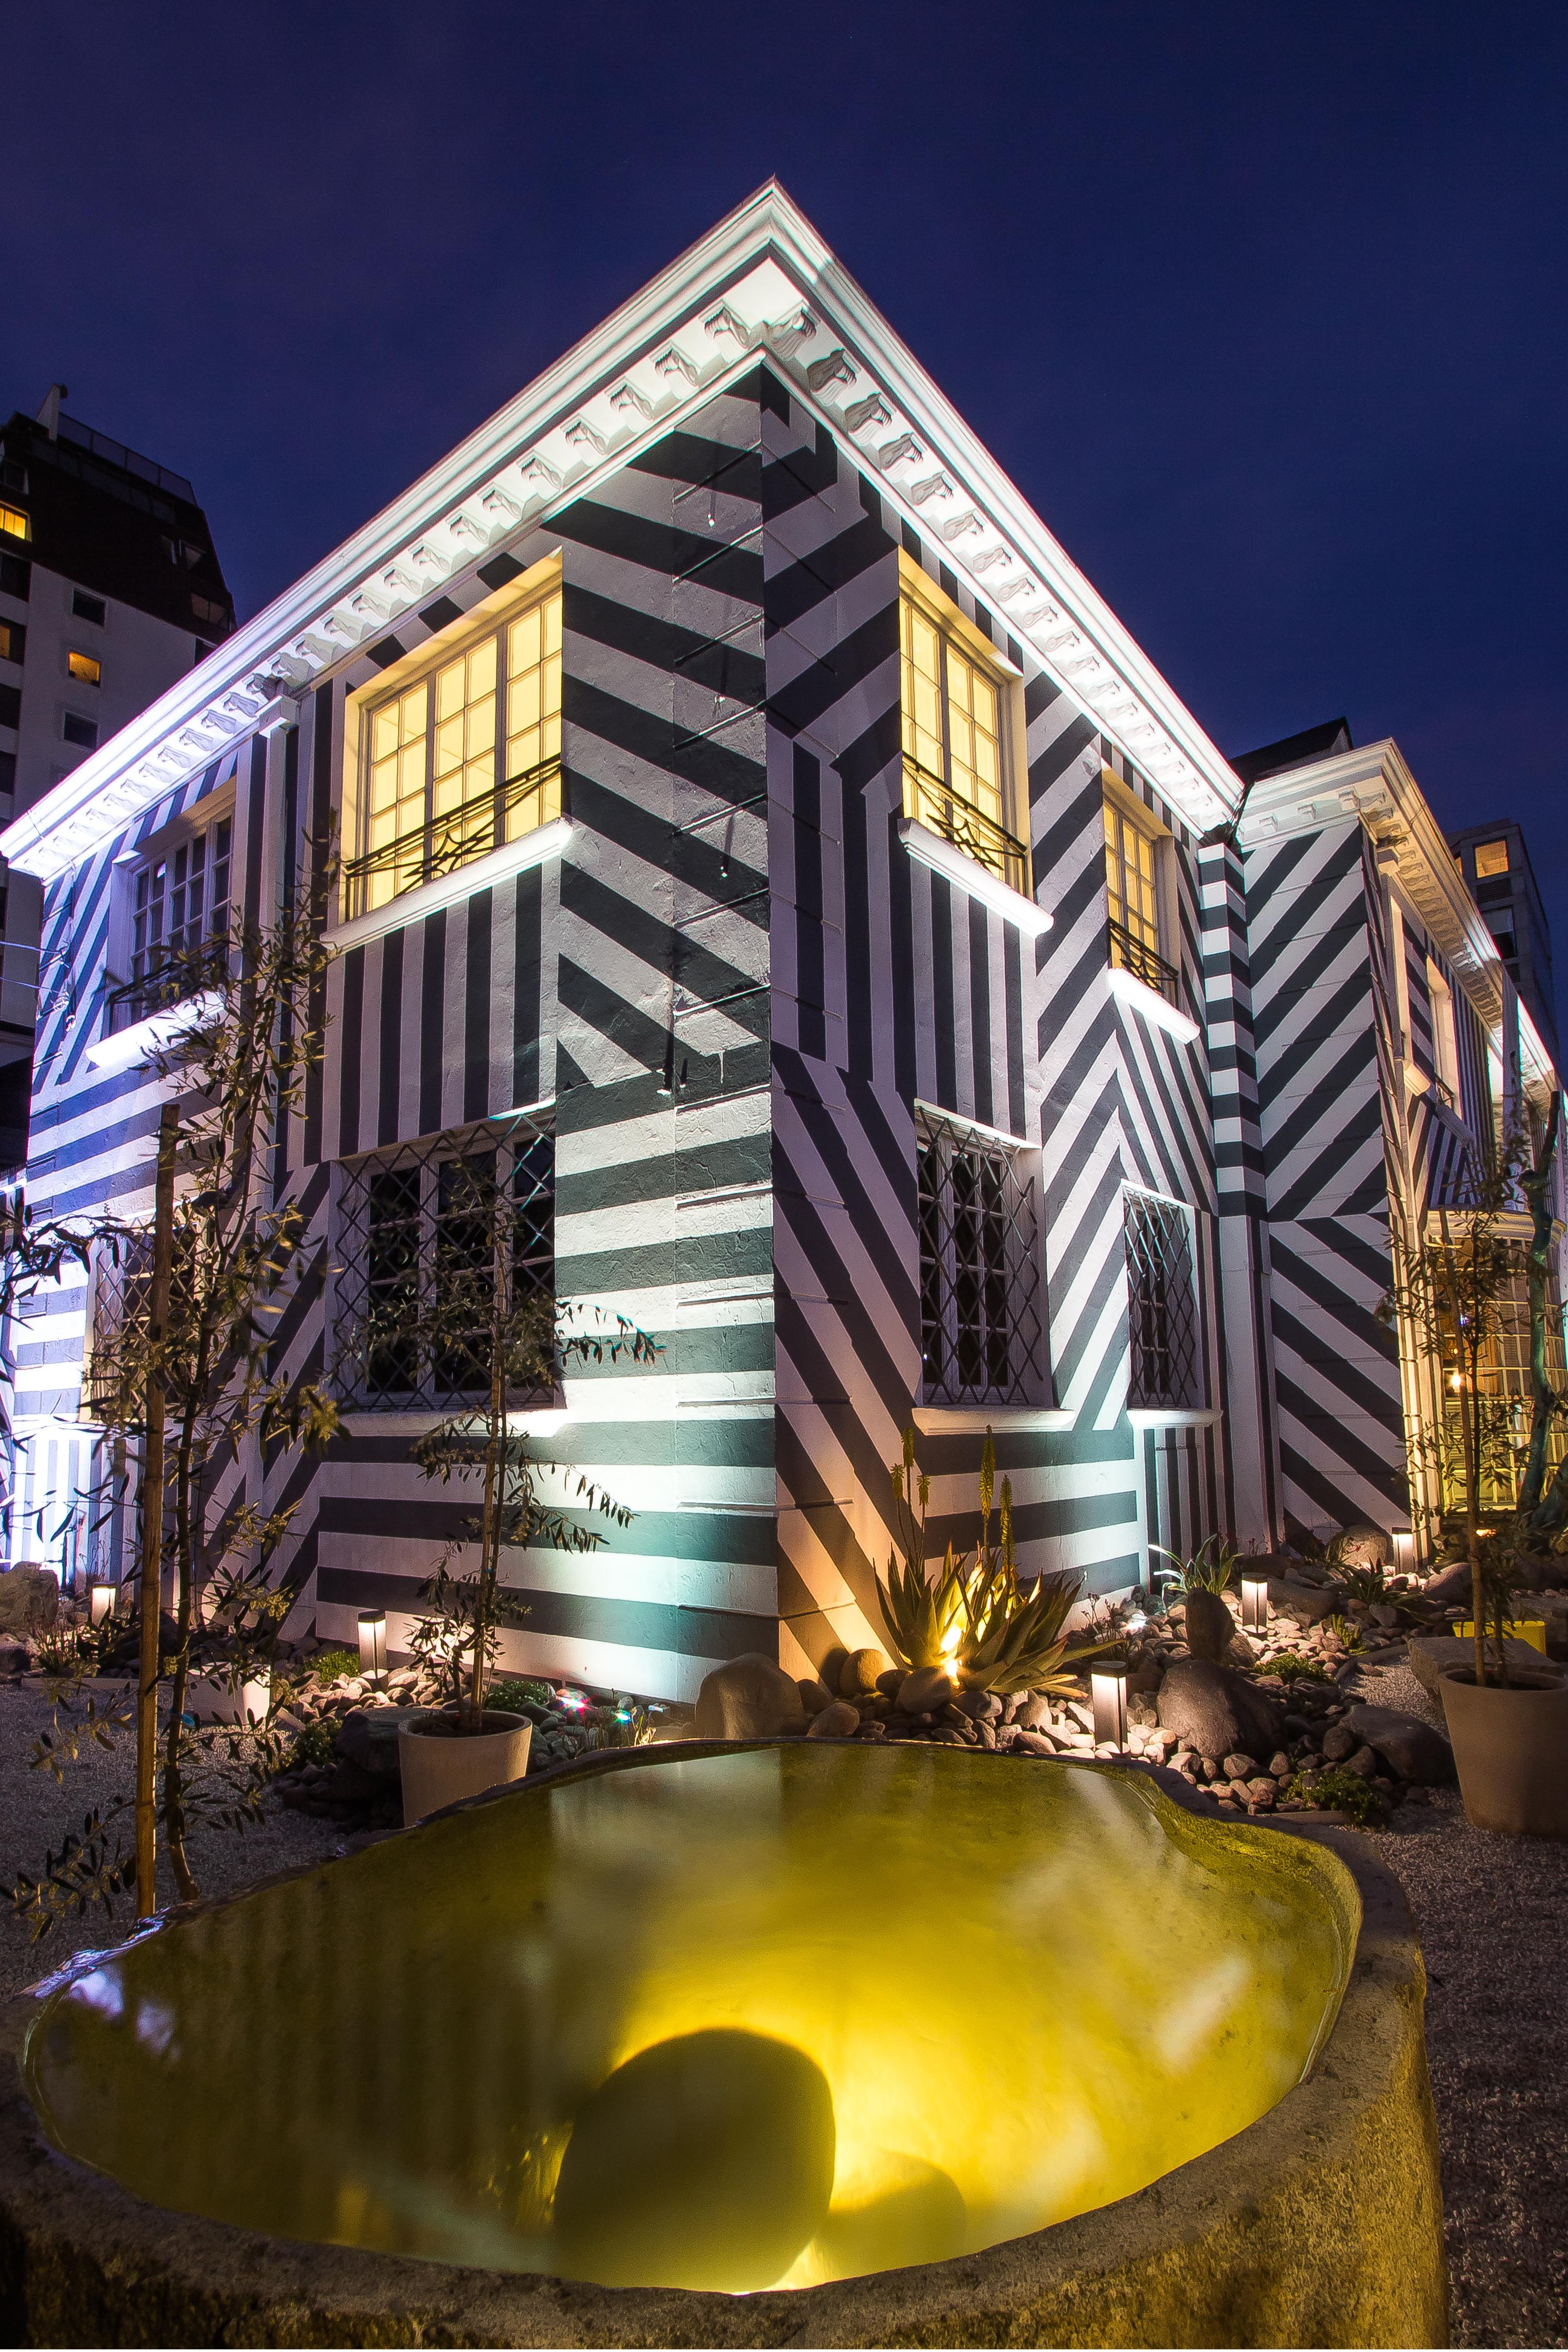 Casa Foa Chile. Lighting Facade